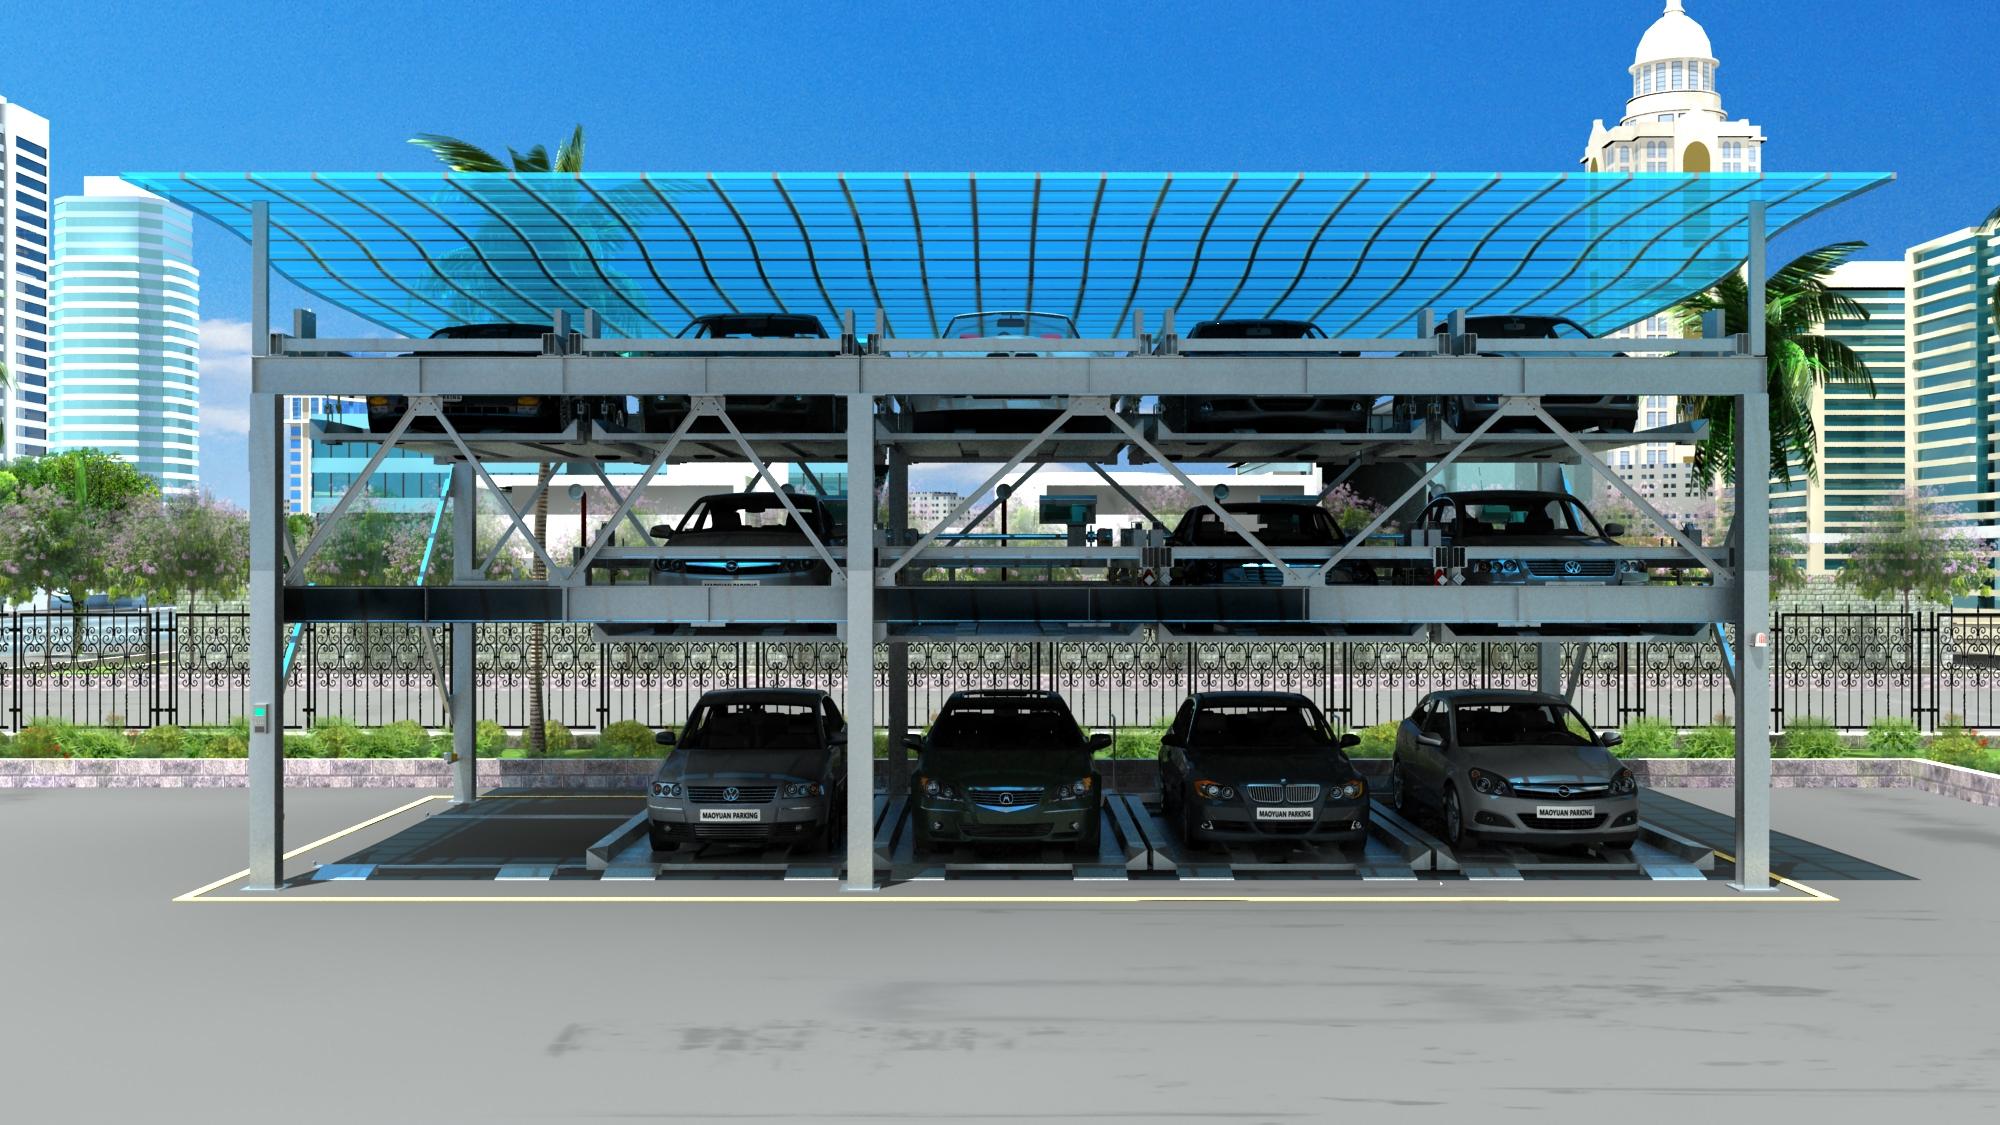 Hệ thống bãi đõ xe tự động dạng xếp hình